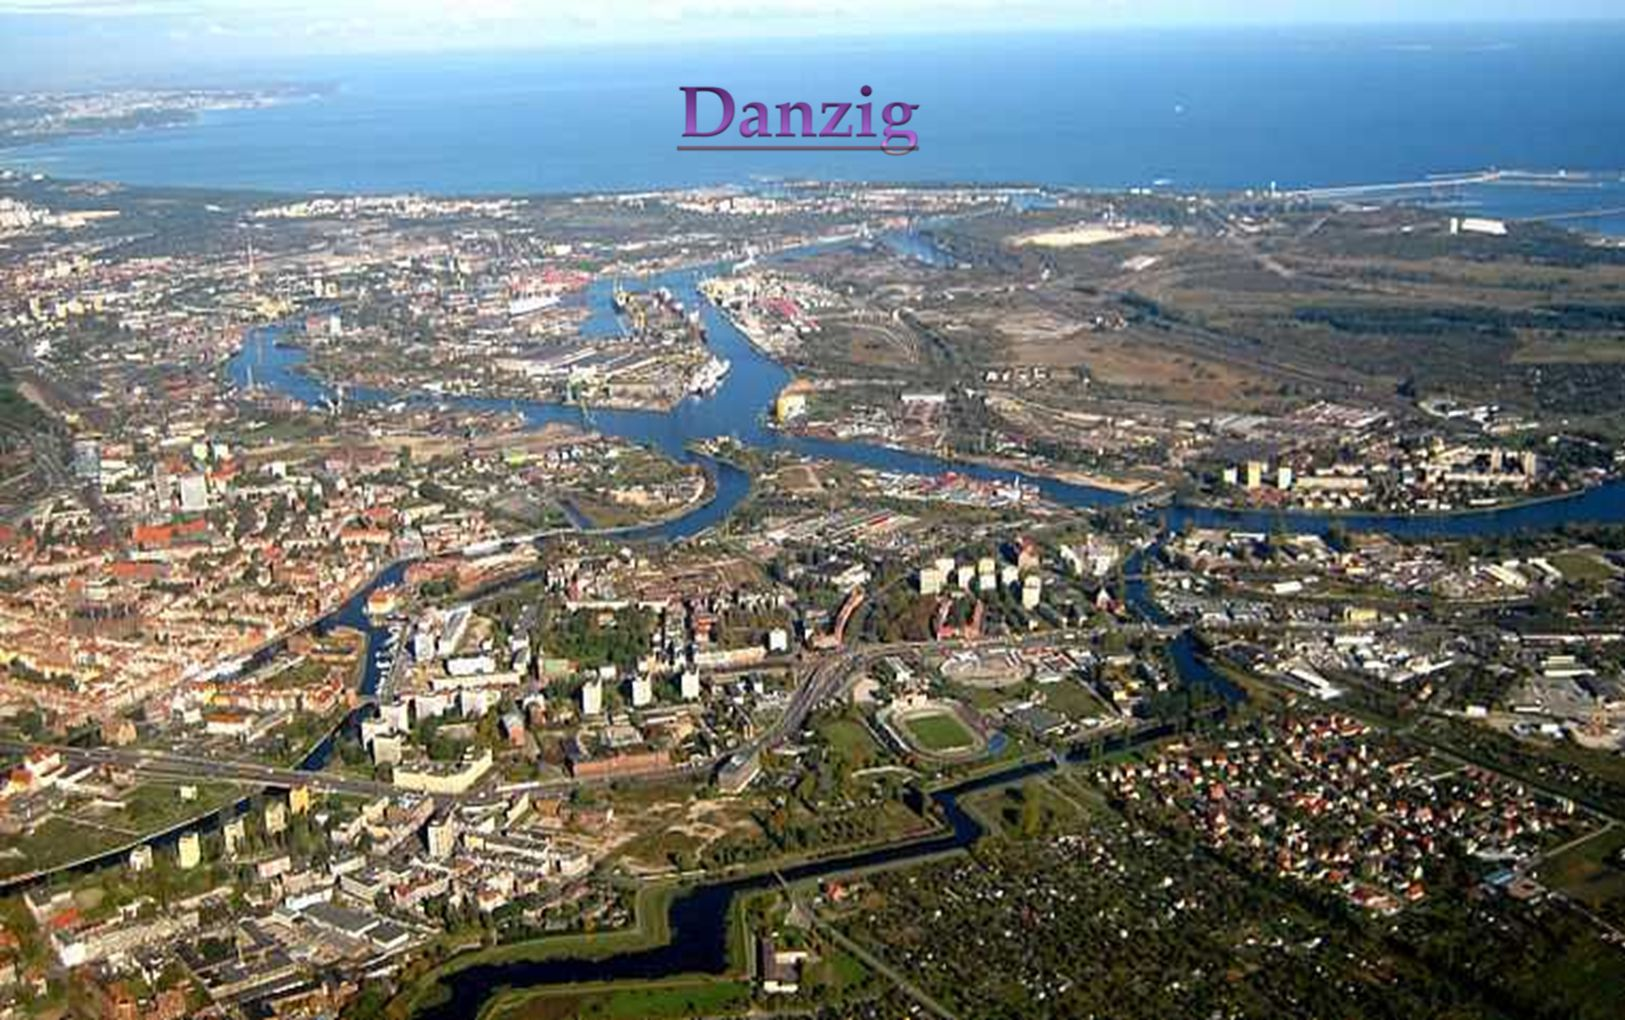 Danzig ist eine ehemalige deutsche Hafen- und Hansestadt